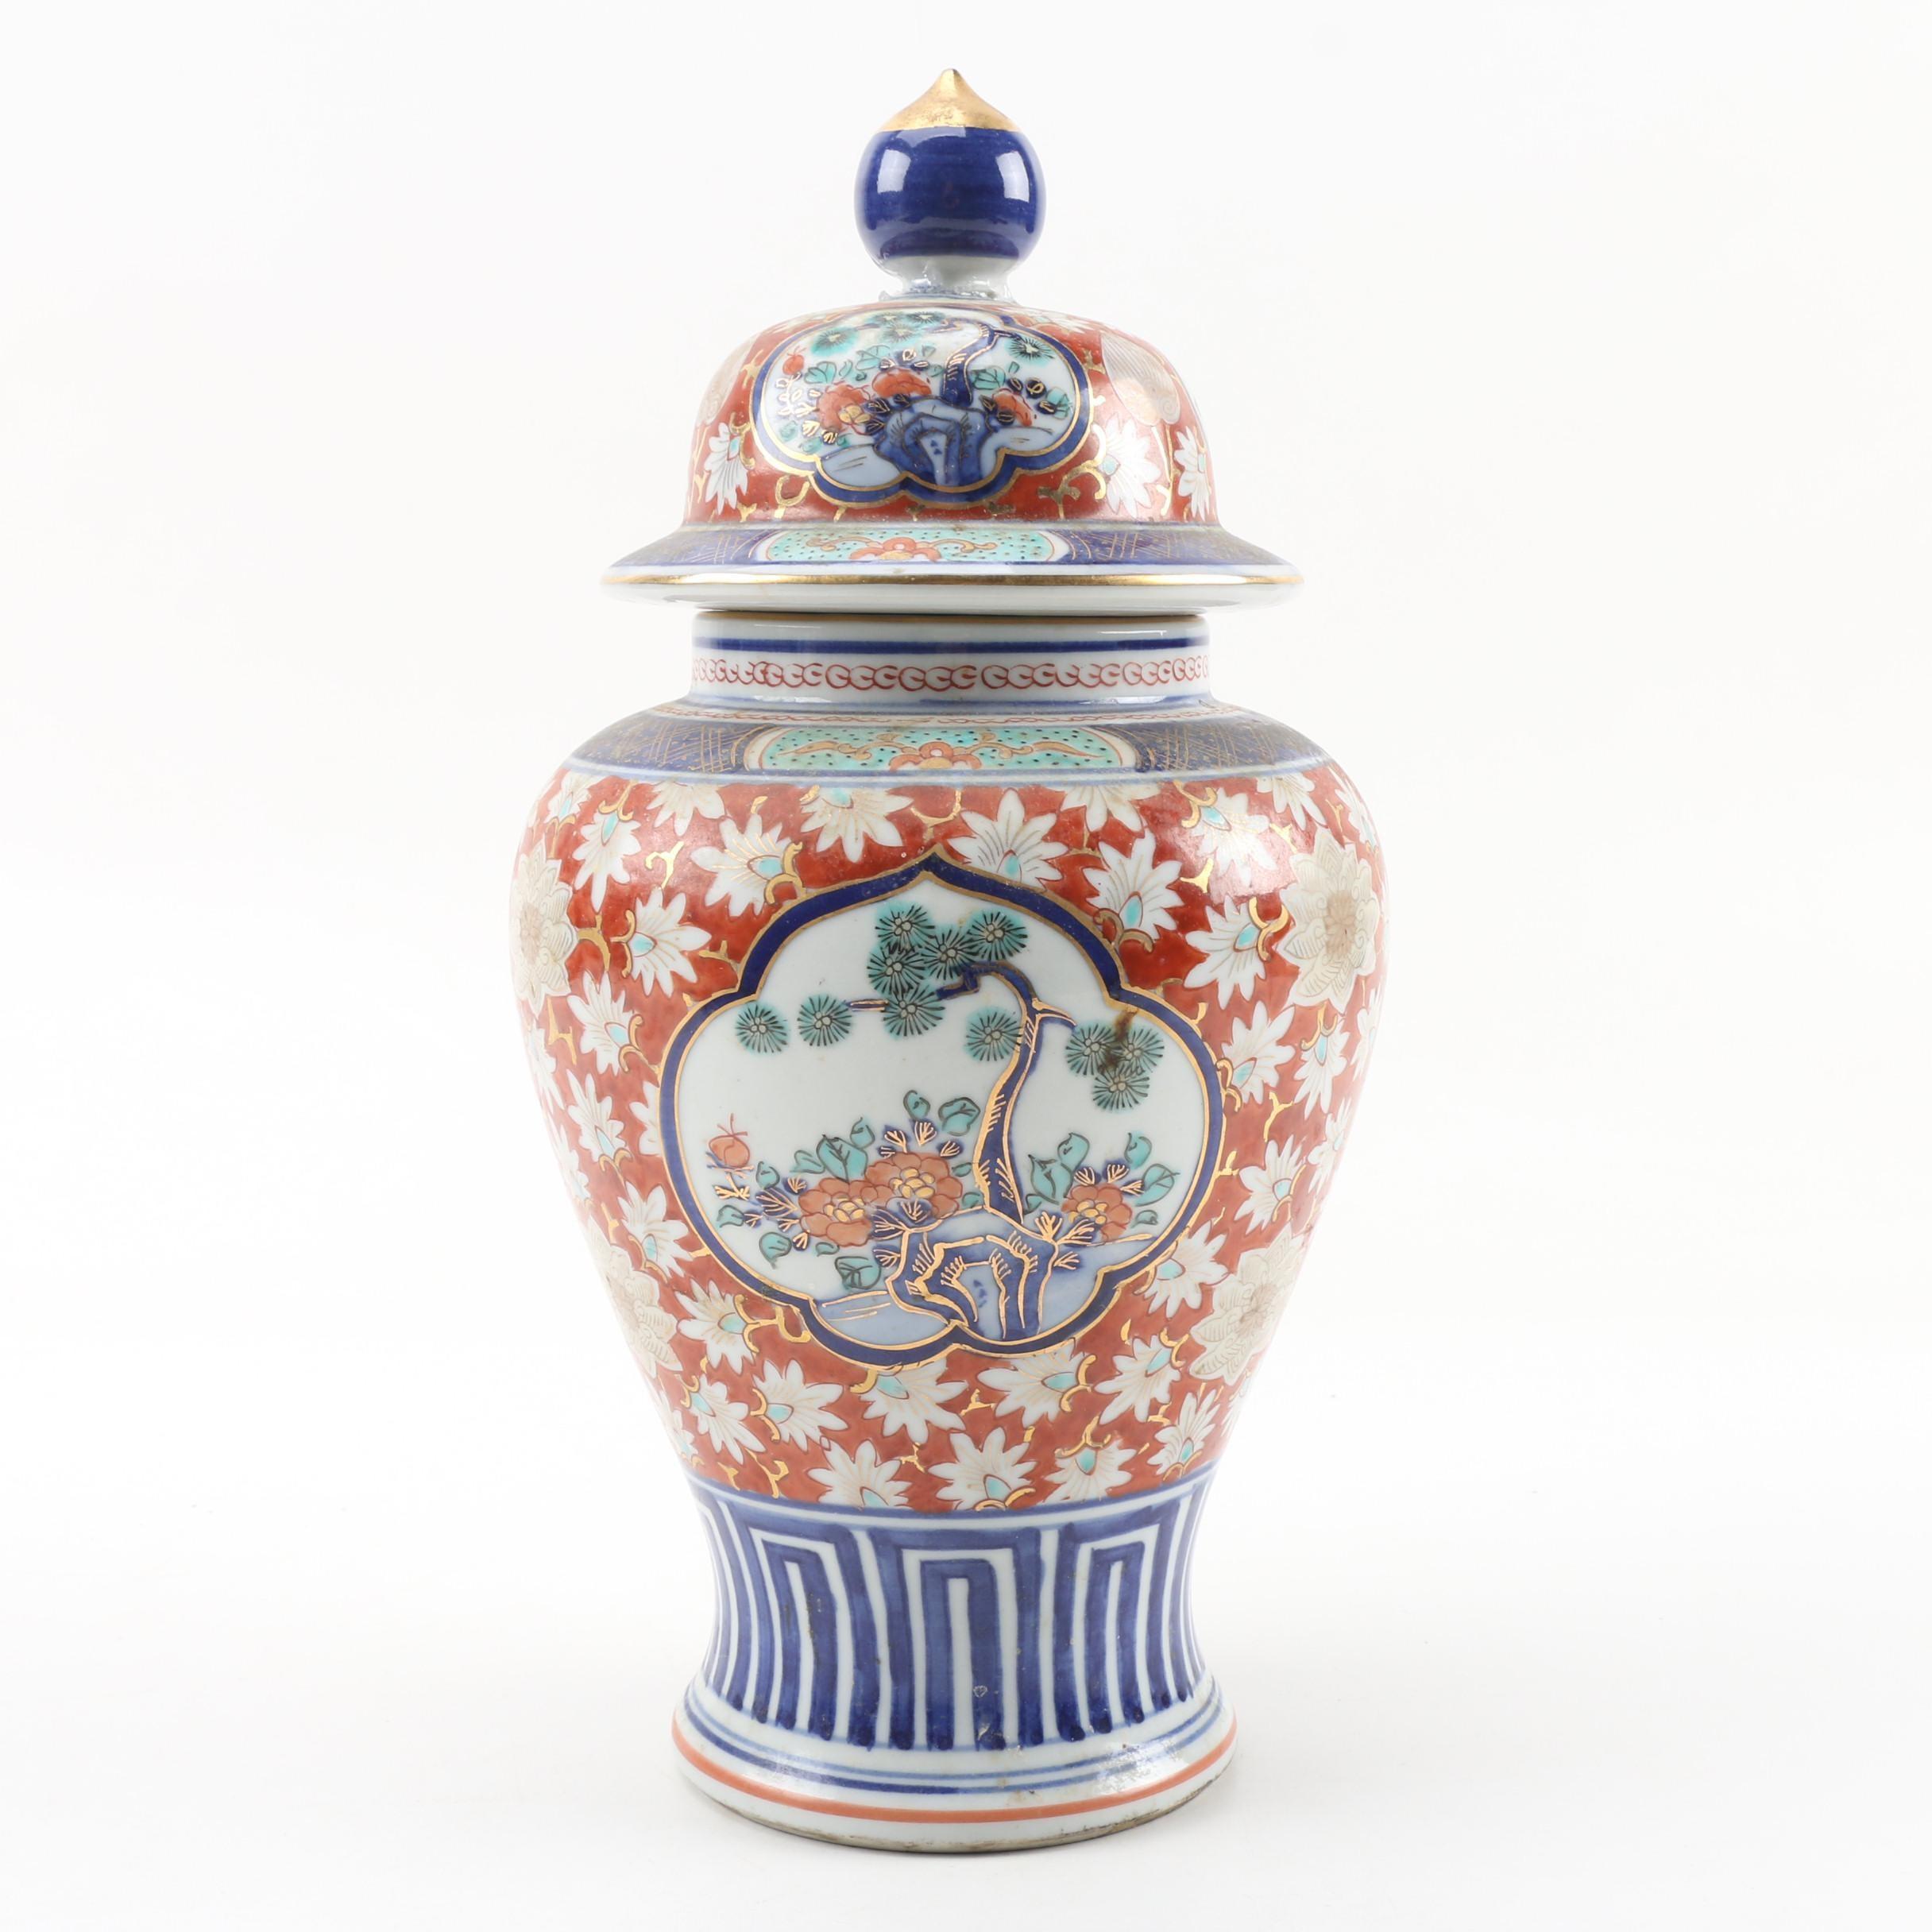 Chinese Porcelain Lidded Jar